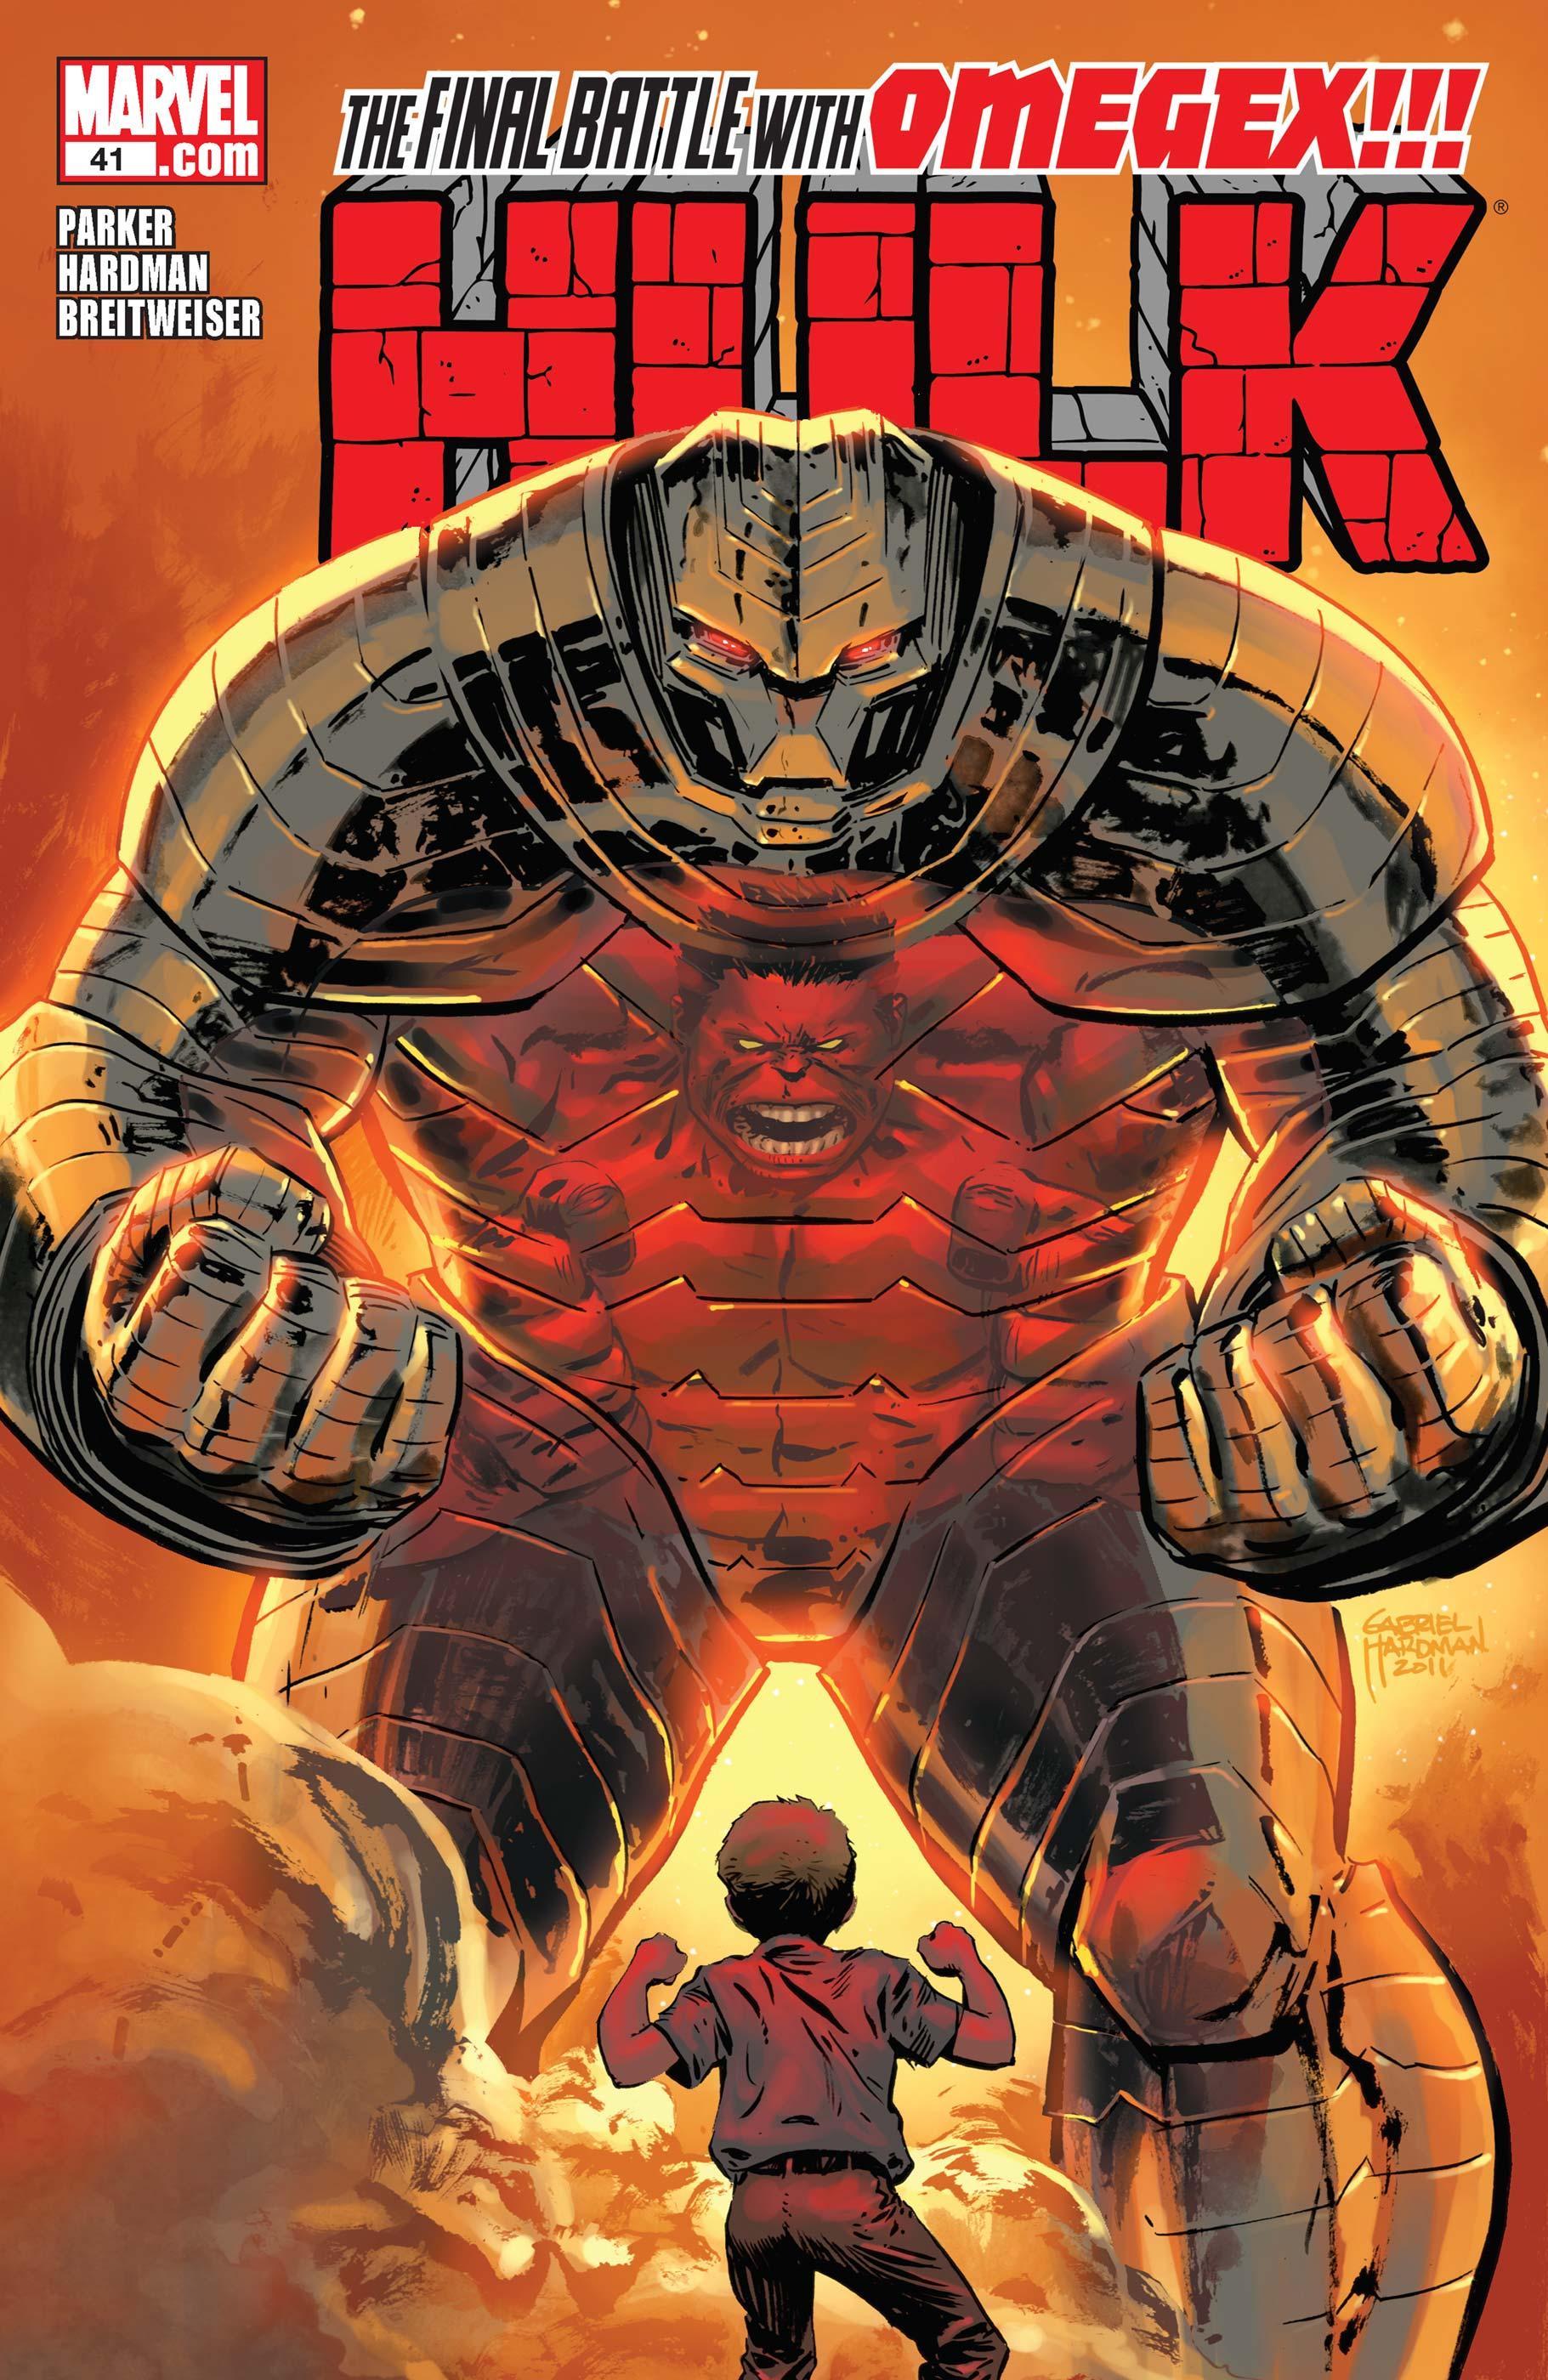 Hulk (2008) #41